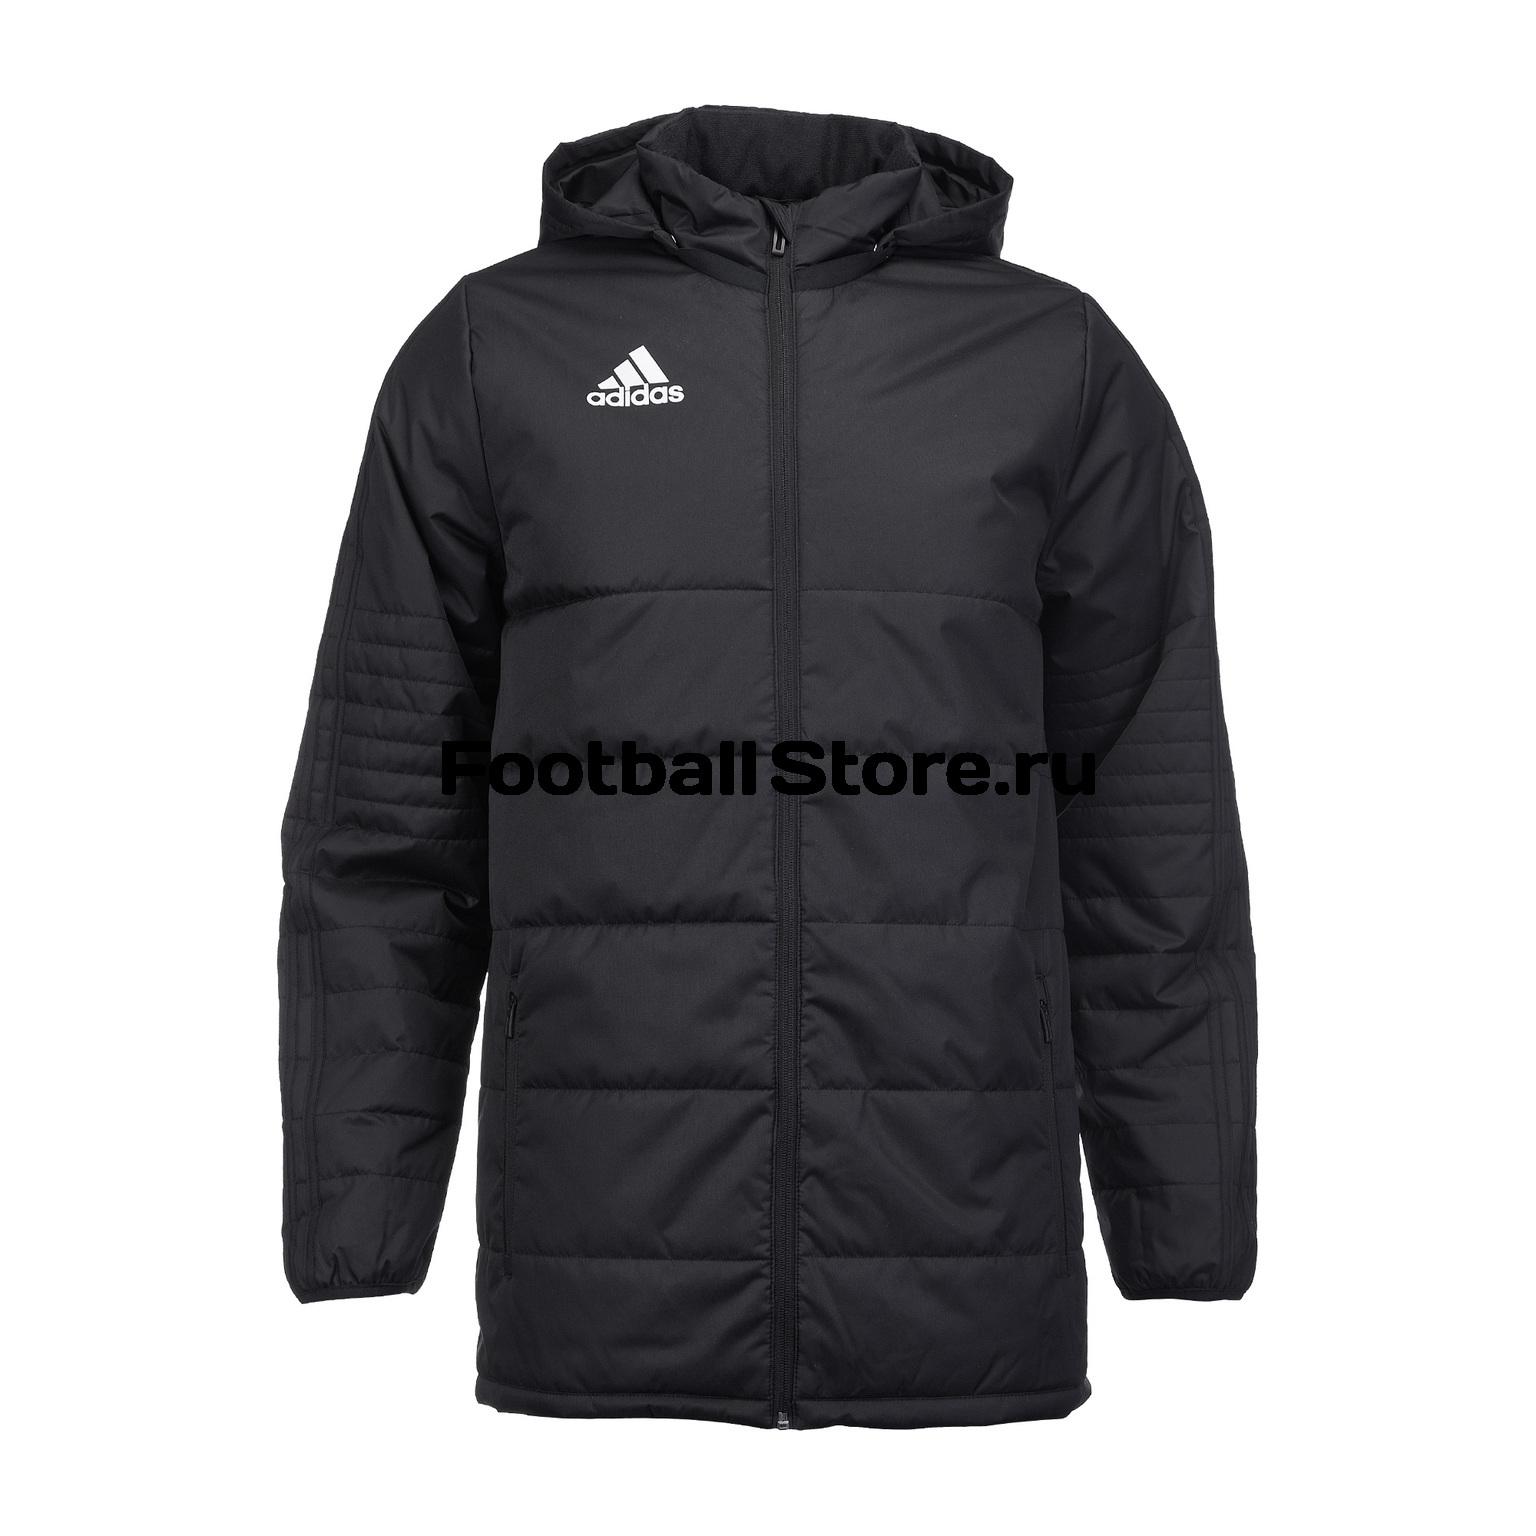 Куртка утепленная подростковая Adidas Tiro17 BS0047